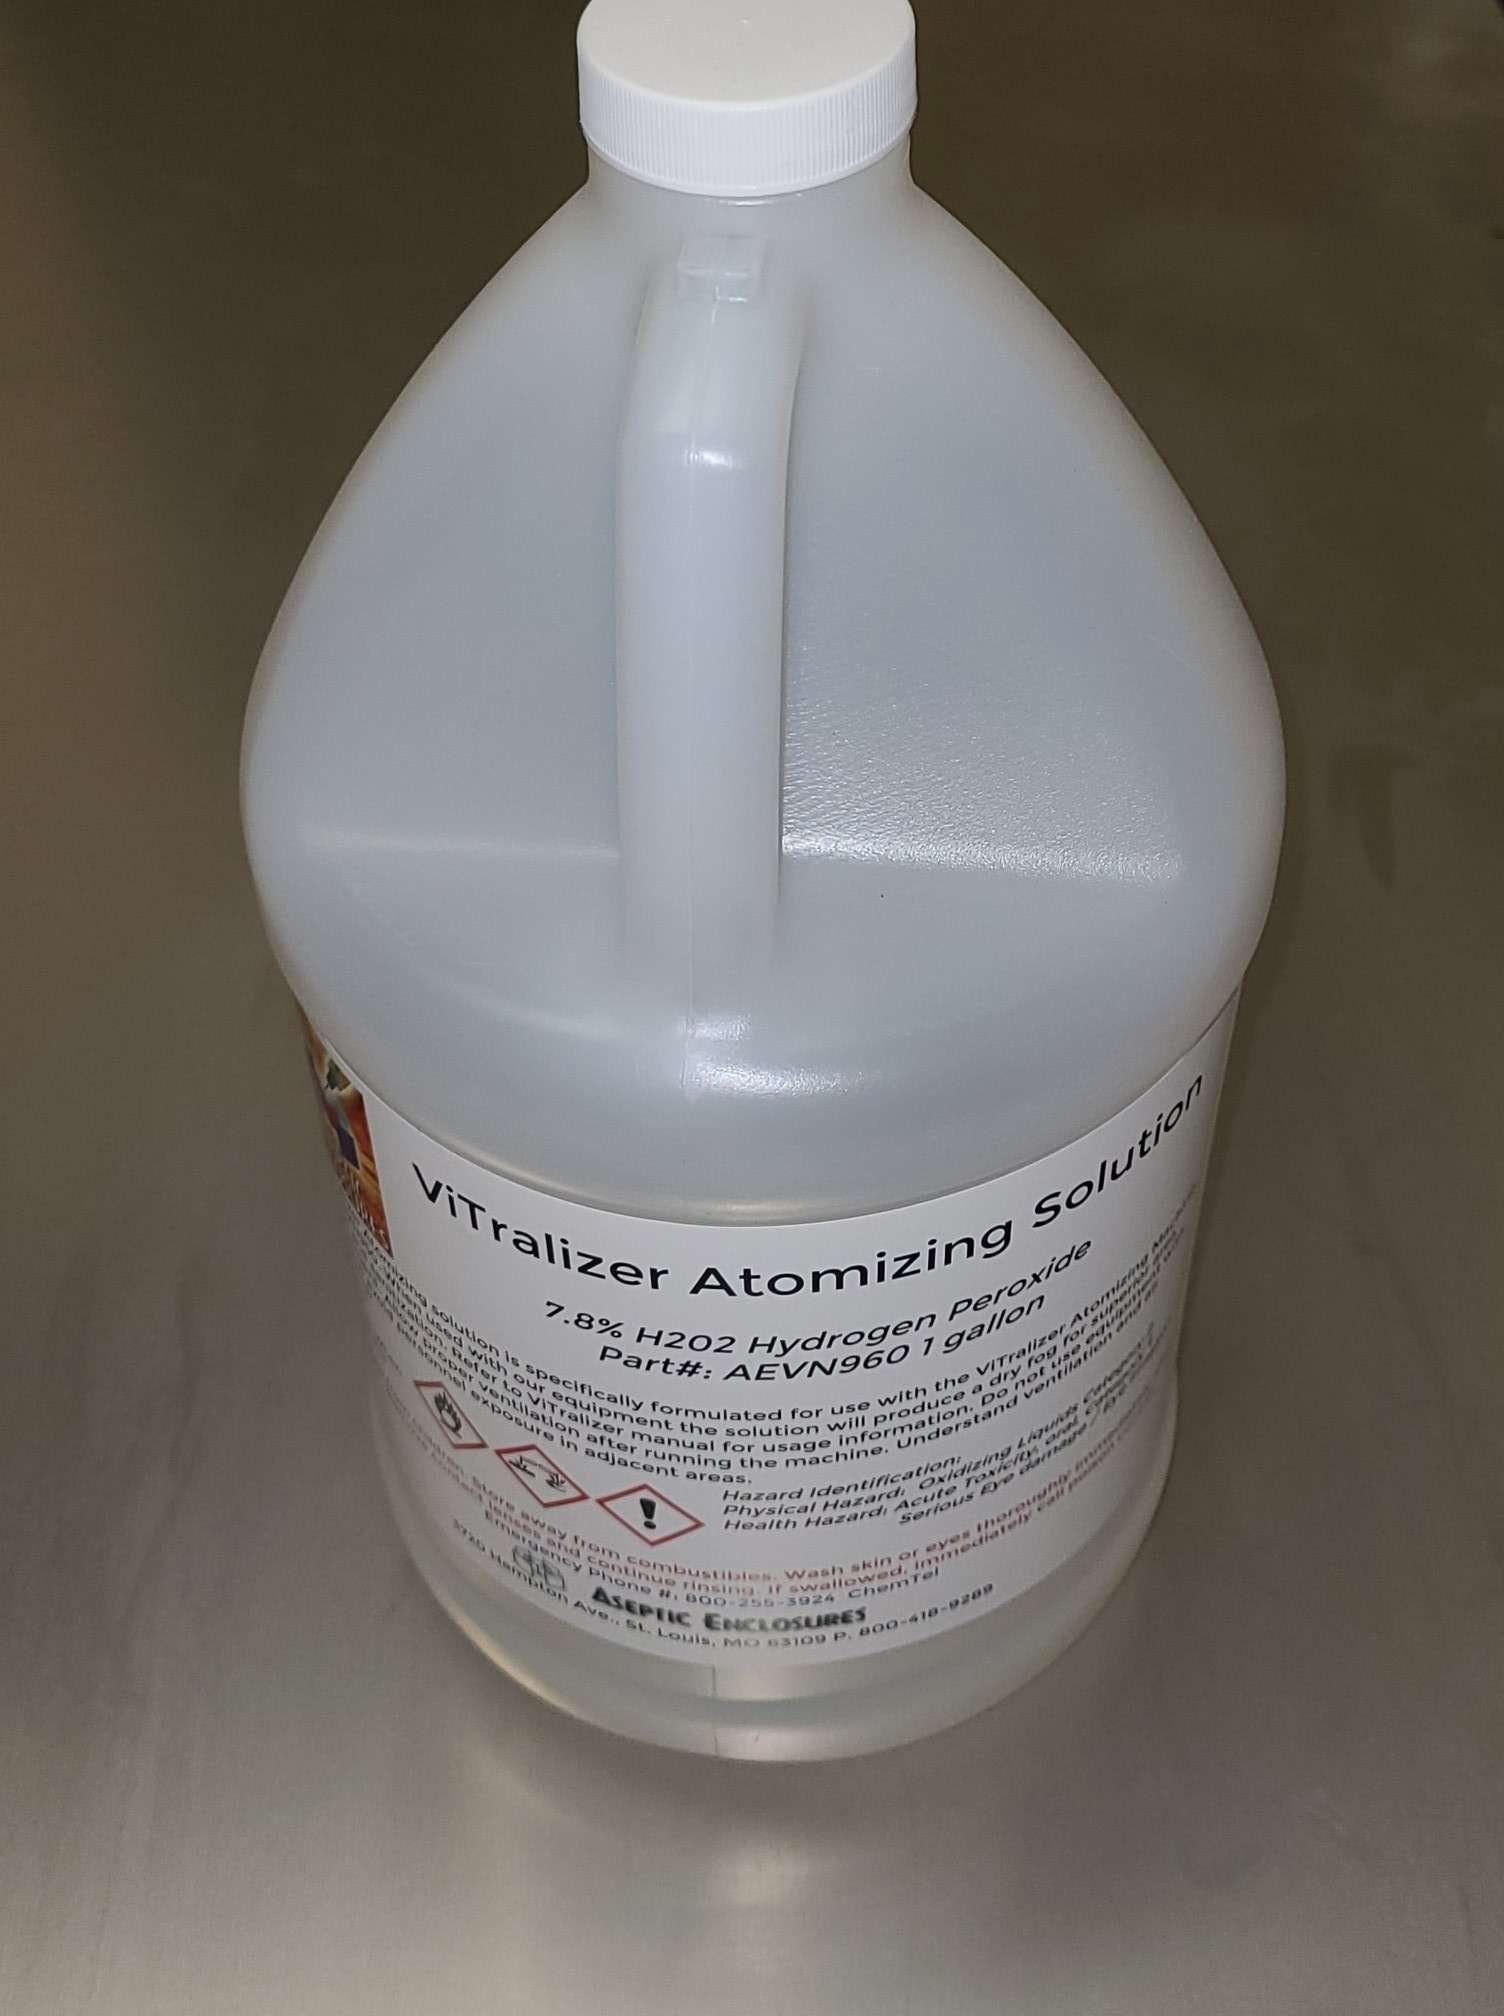 ViTralizer Atomizing Solution